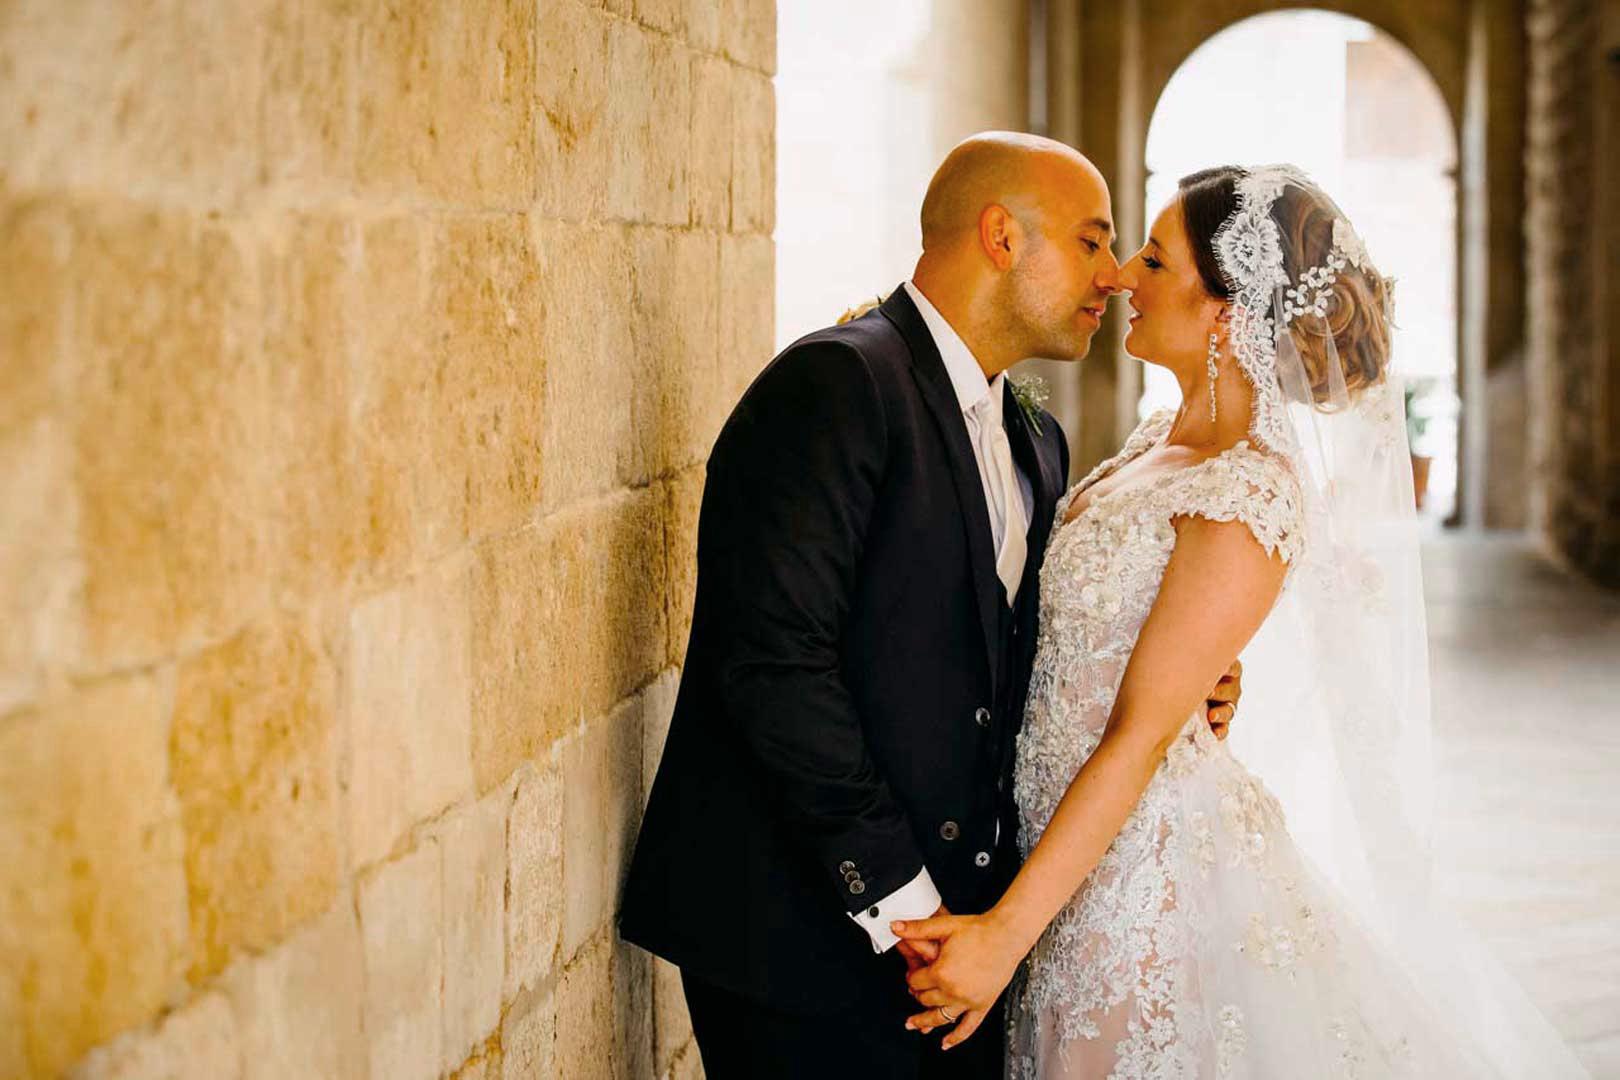 001-altamura-gianni-lepore-fotografo-matrimonio-foggia